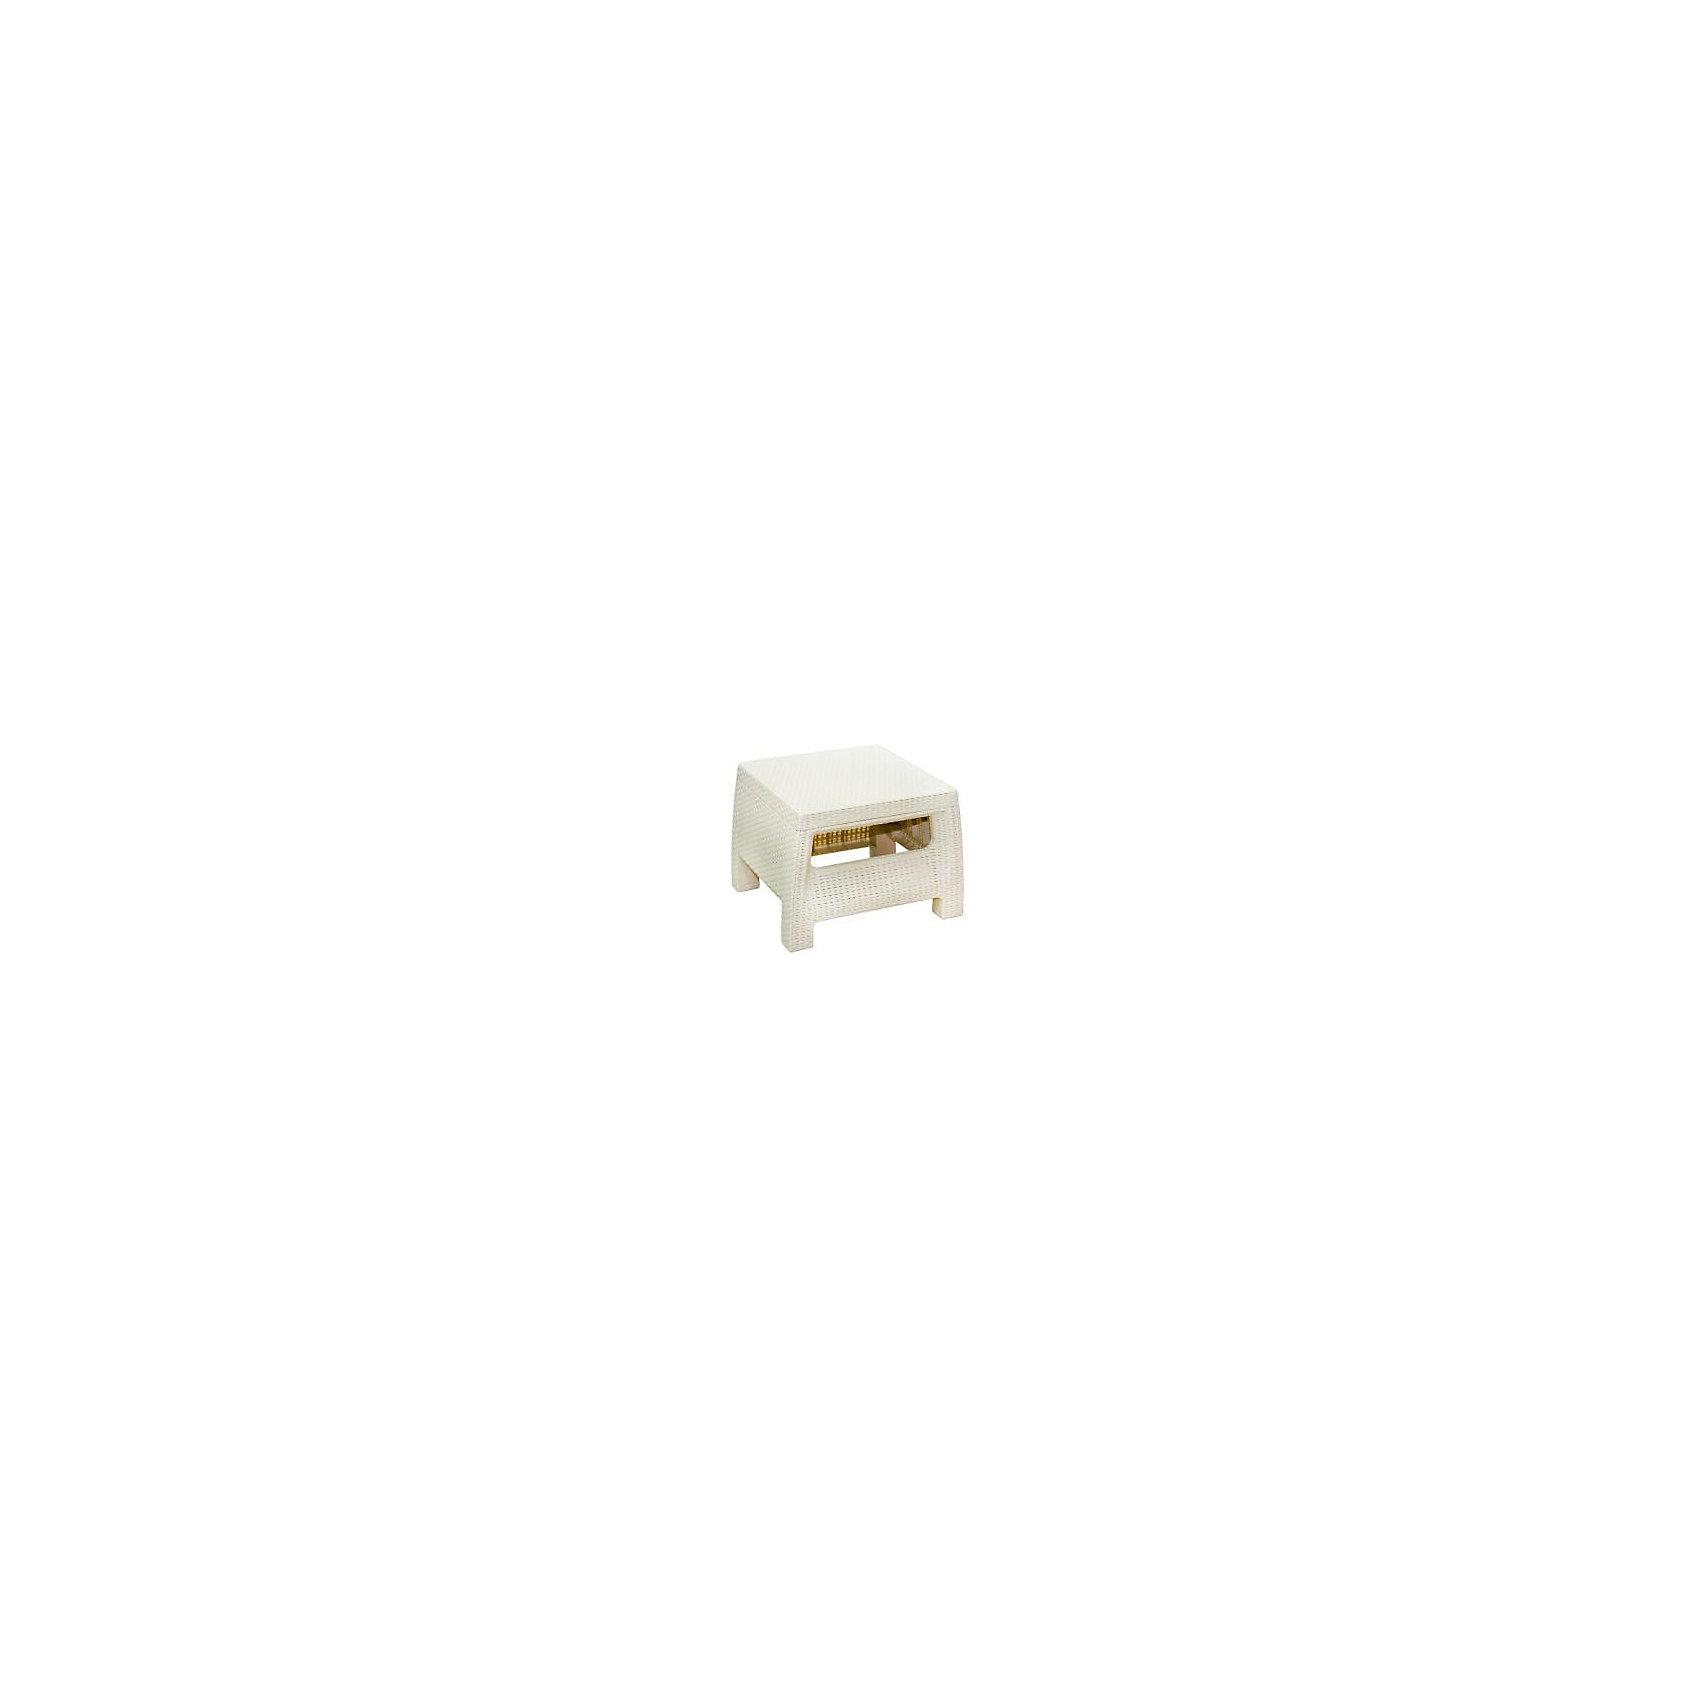 Стол Ротанг, квадратный, Alternativa, слоновая костьМебель<br>Стол Ротанг 570х515х420, Alternativa (Альтернатива), слоновая кость<br><br>Характеристики:<br><br>• подходит в качестве журнального столика<br>• приятный дизайн<br>• материал: пластик<br>• размер стола: 57х51,5х42 см<br>• вес: 3,38 кг<br>• цвет: слоновая кость<br><br>Стол Ротанг от российского производителя Альтернатива прекрасно подойдет в качестве домашнего журнального столика или для полноценного отдыха на природе. Широкие ножки обеспечивают столику хорошую устойчивость на поверхностях. Лаконичный дизайн стола хорошо впишется в интерьер любого помещения.<br><br>Стол Ротанг 570х515х420, Alternativa (Альтернатива), слоновая кость можно купить в нашем интернет-магазине.<br><br>Ширина мм: 570<br>Глубина мм: 515<br>Высота мм: 420<br>Вес г: 3300<br>Возраст от месяцев: 12<br>Возраст до месяцев: 1188<br>Пол: Унисекс<br>Возраст: Детский<br>SKU: 5436207